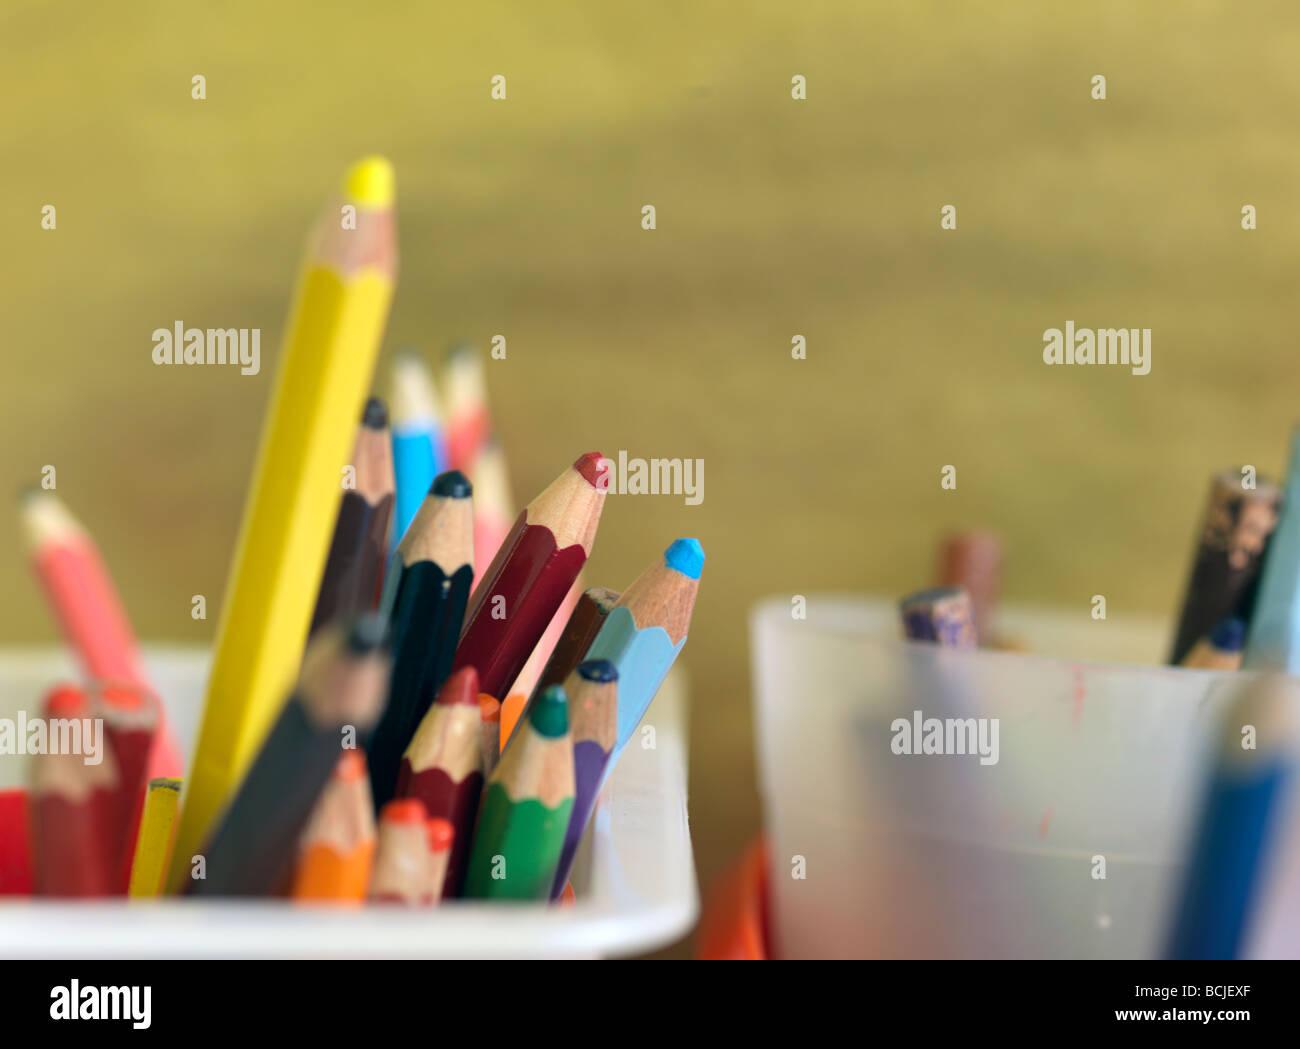 Matite colorate in vasi di scuola Immagini Stock